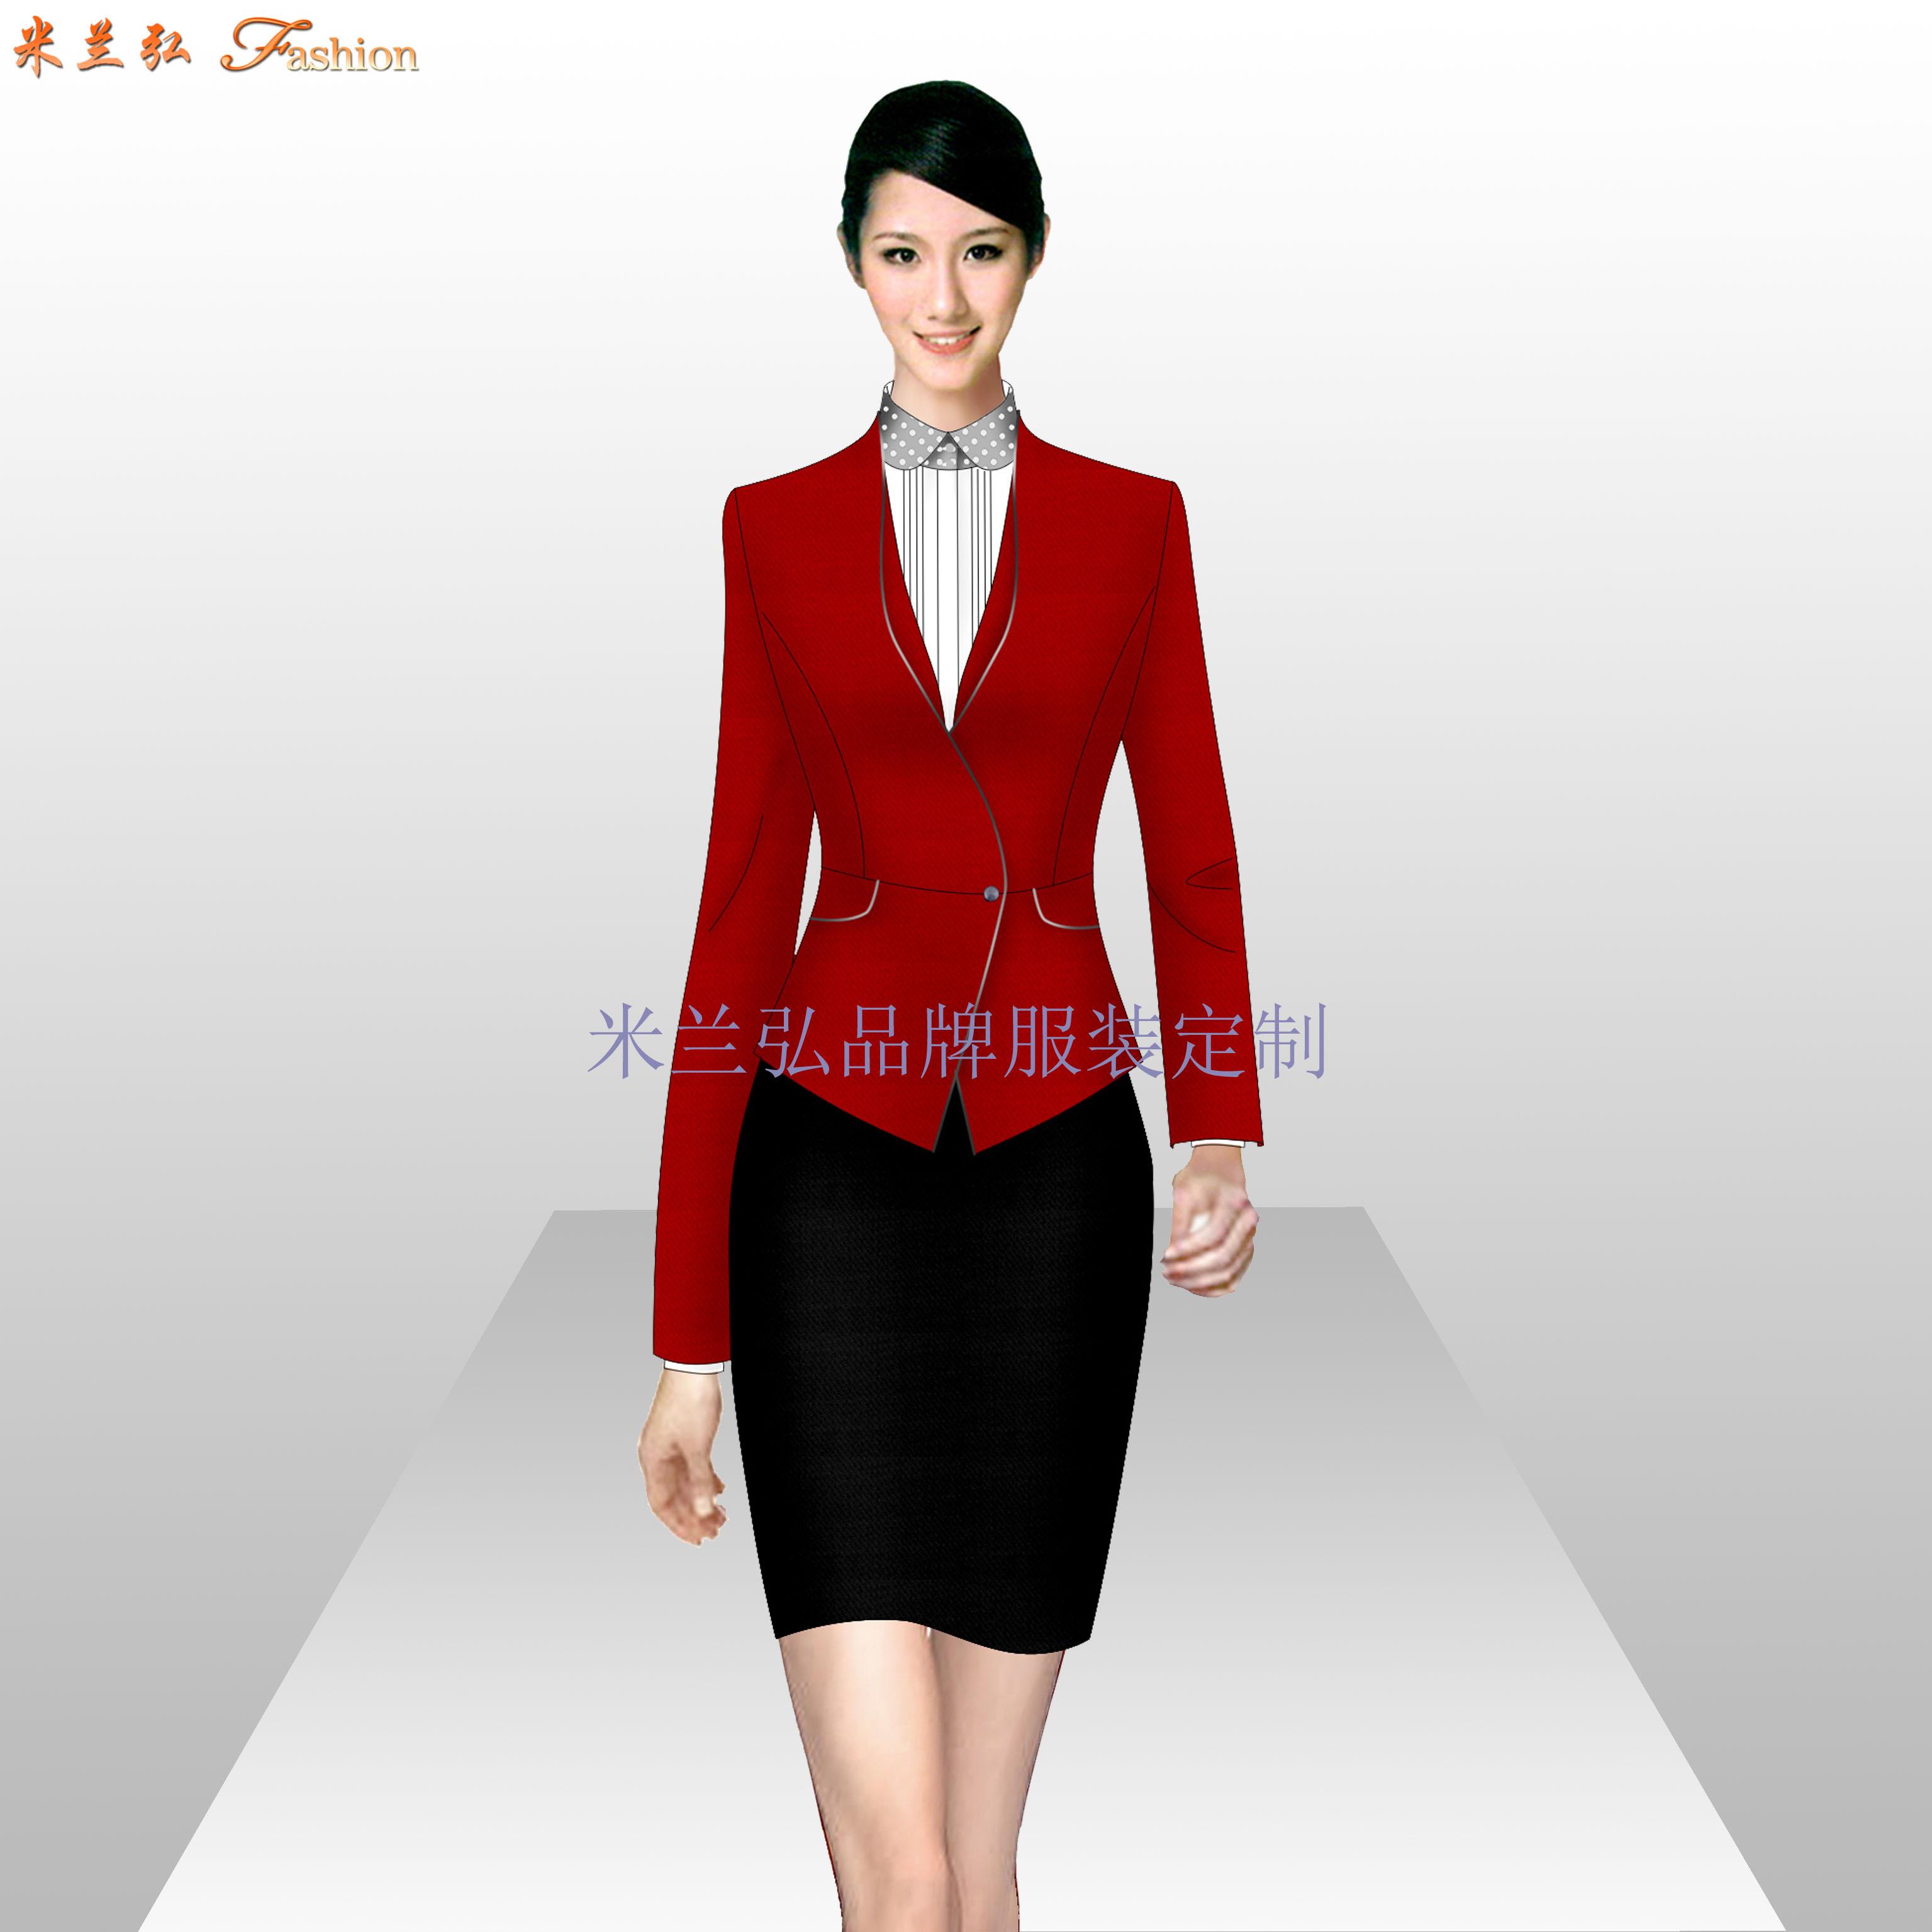 無錫西服定制_江蘇無錫職業裝裝訂做-米蘭弘服裝廠家-3